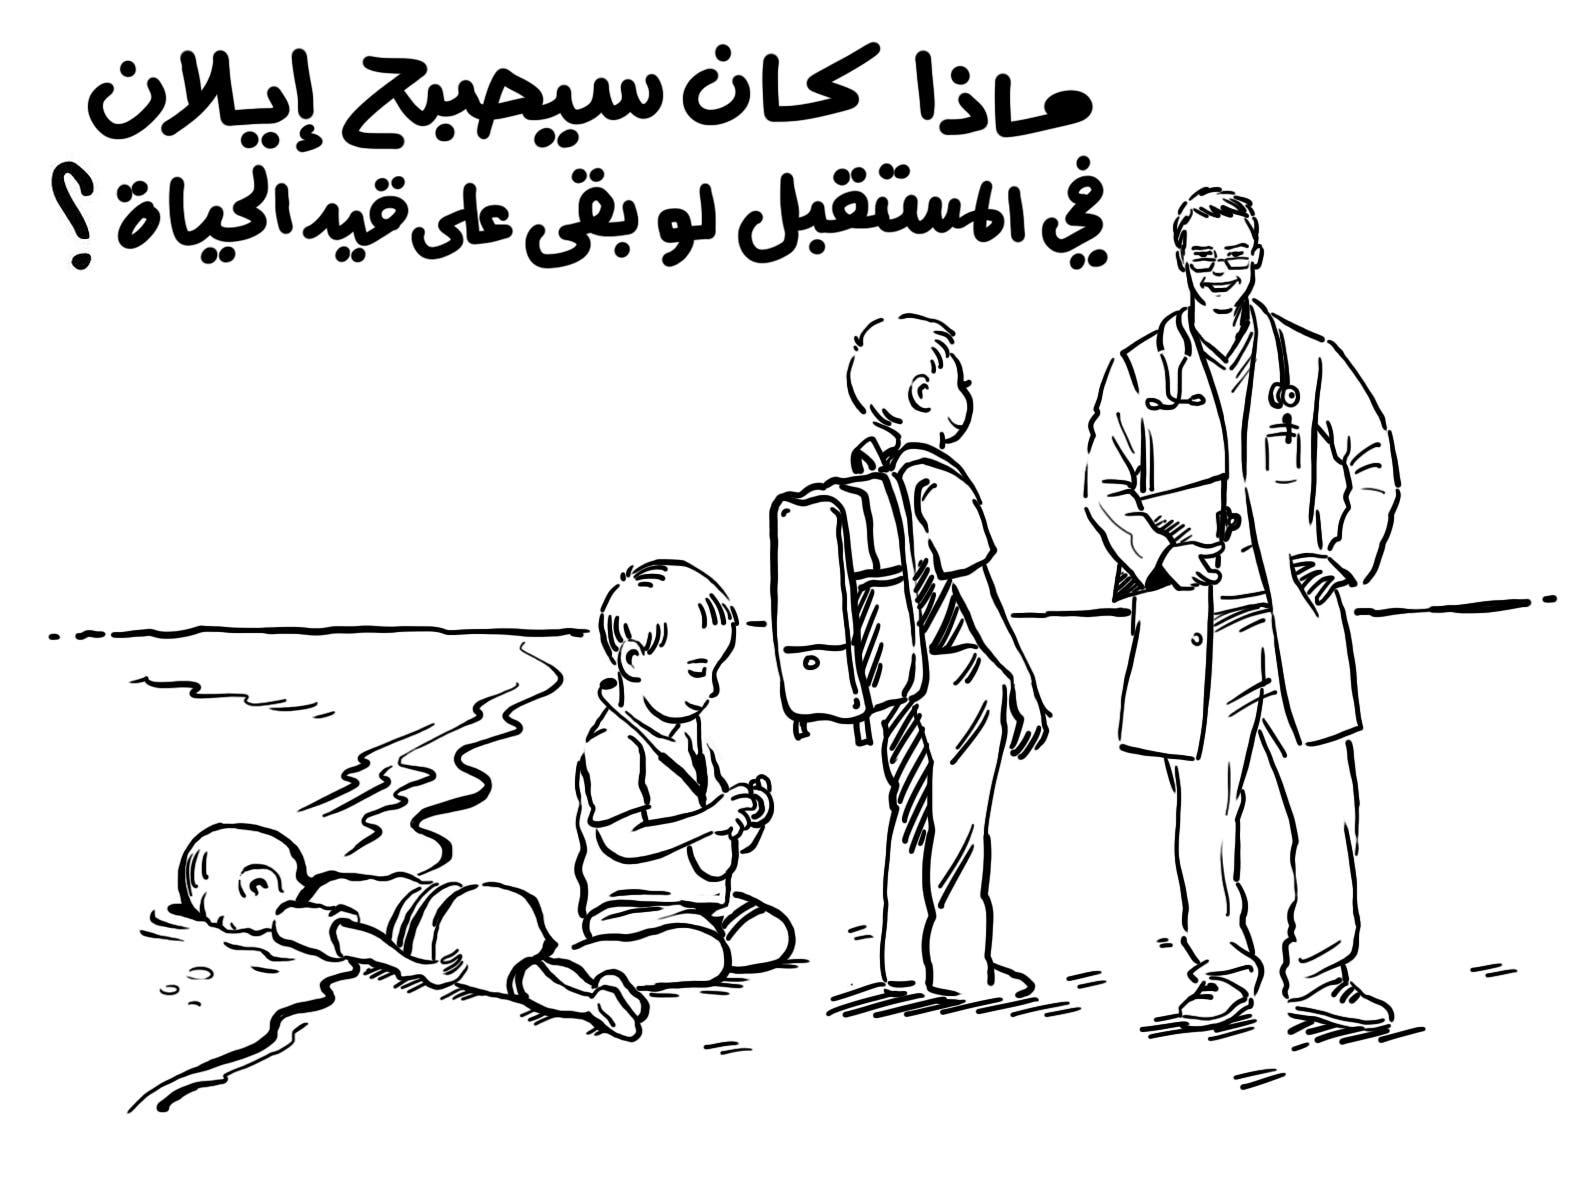 الرسم الكاريكاتيري باللغة العربية